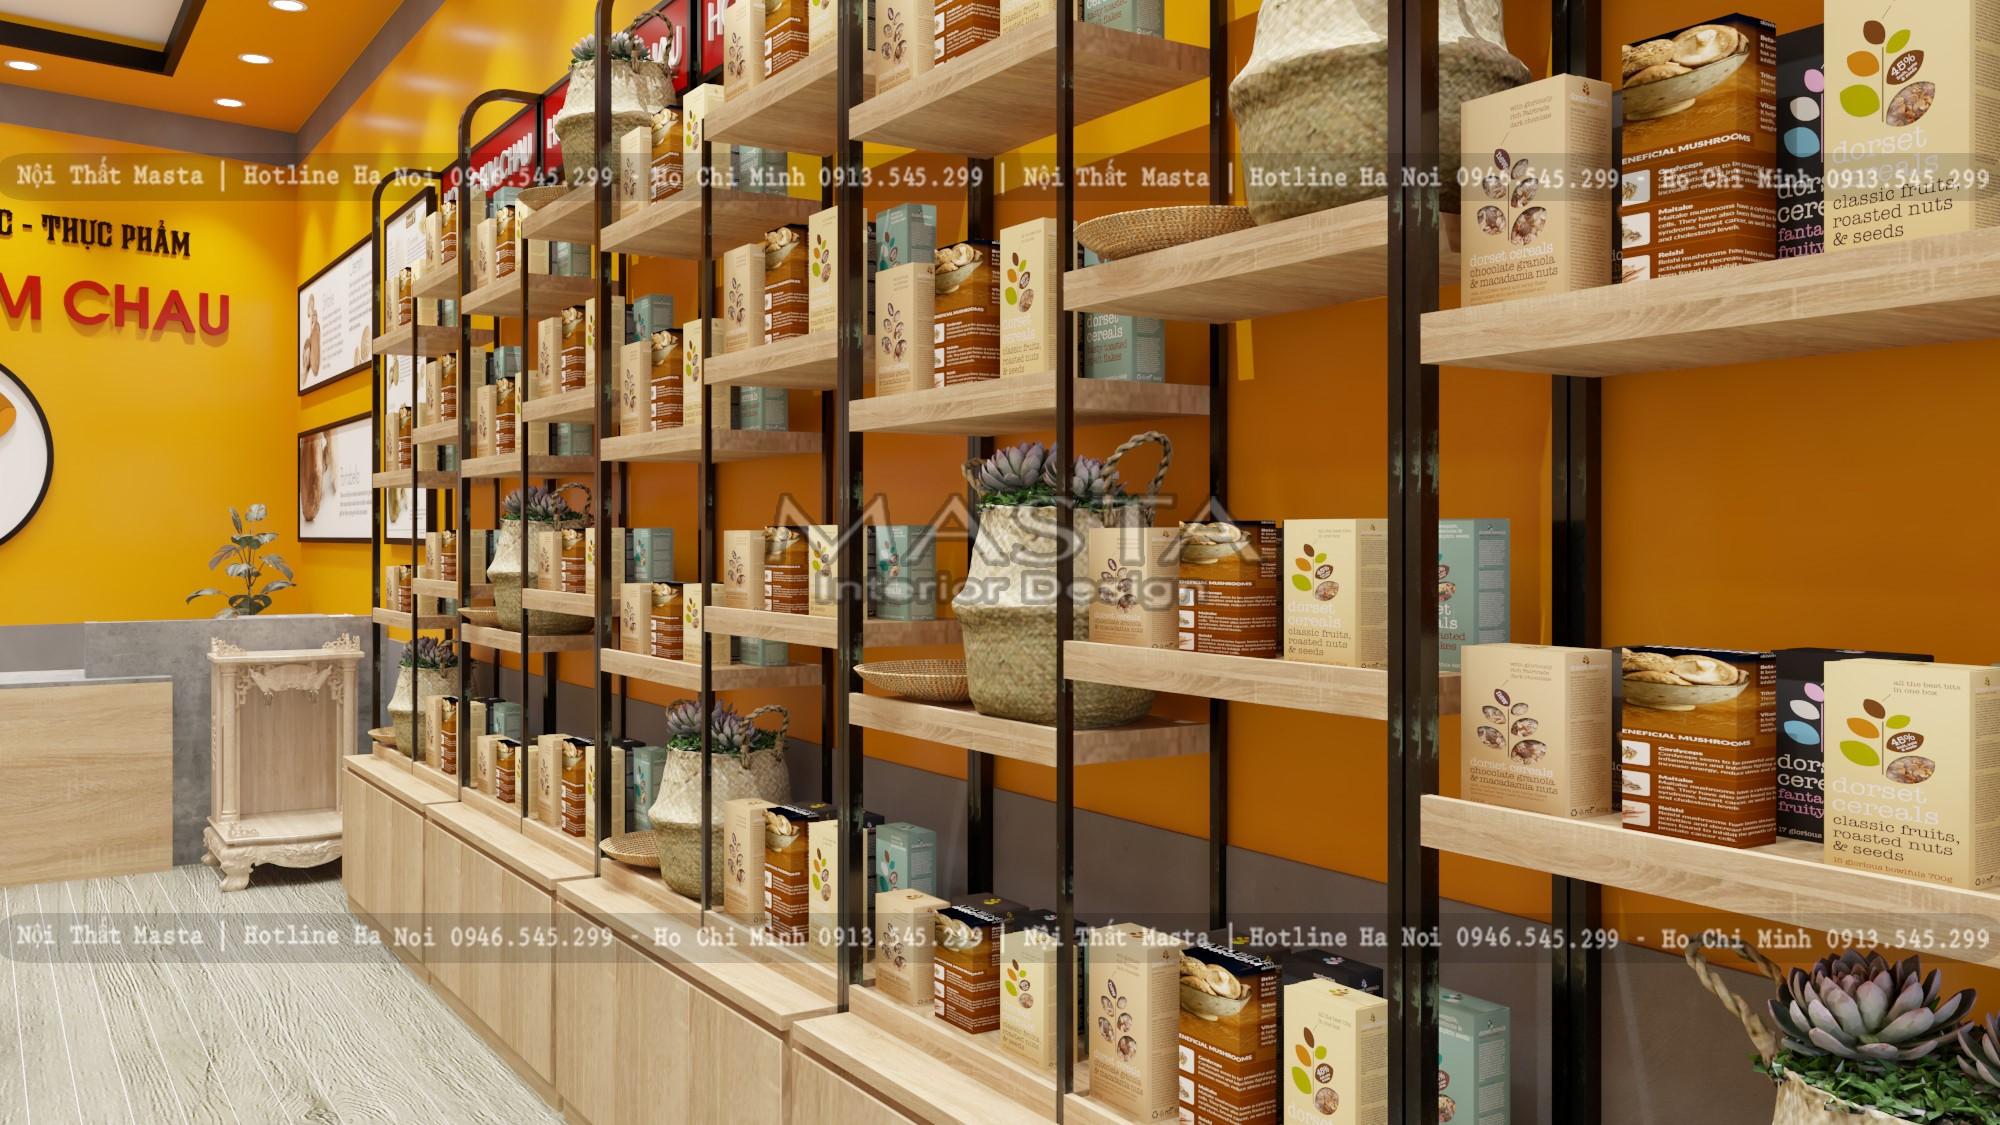 Sử dụng vật liệu phù hợp trong thiết kế shop thực phẩm